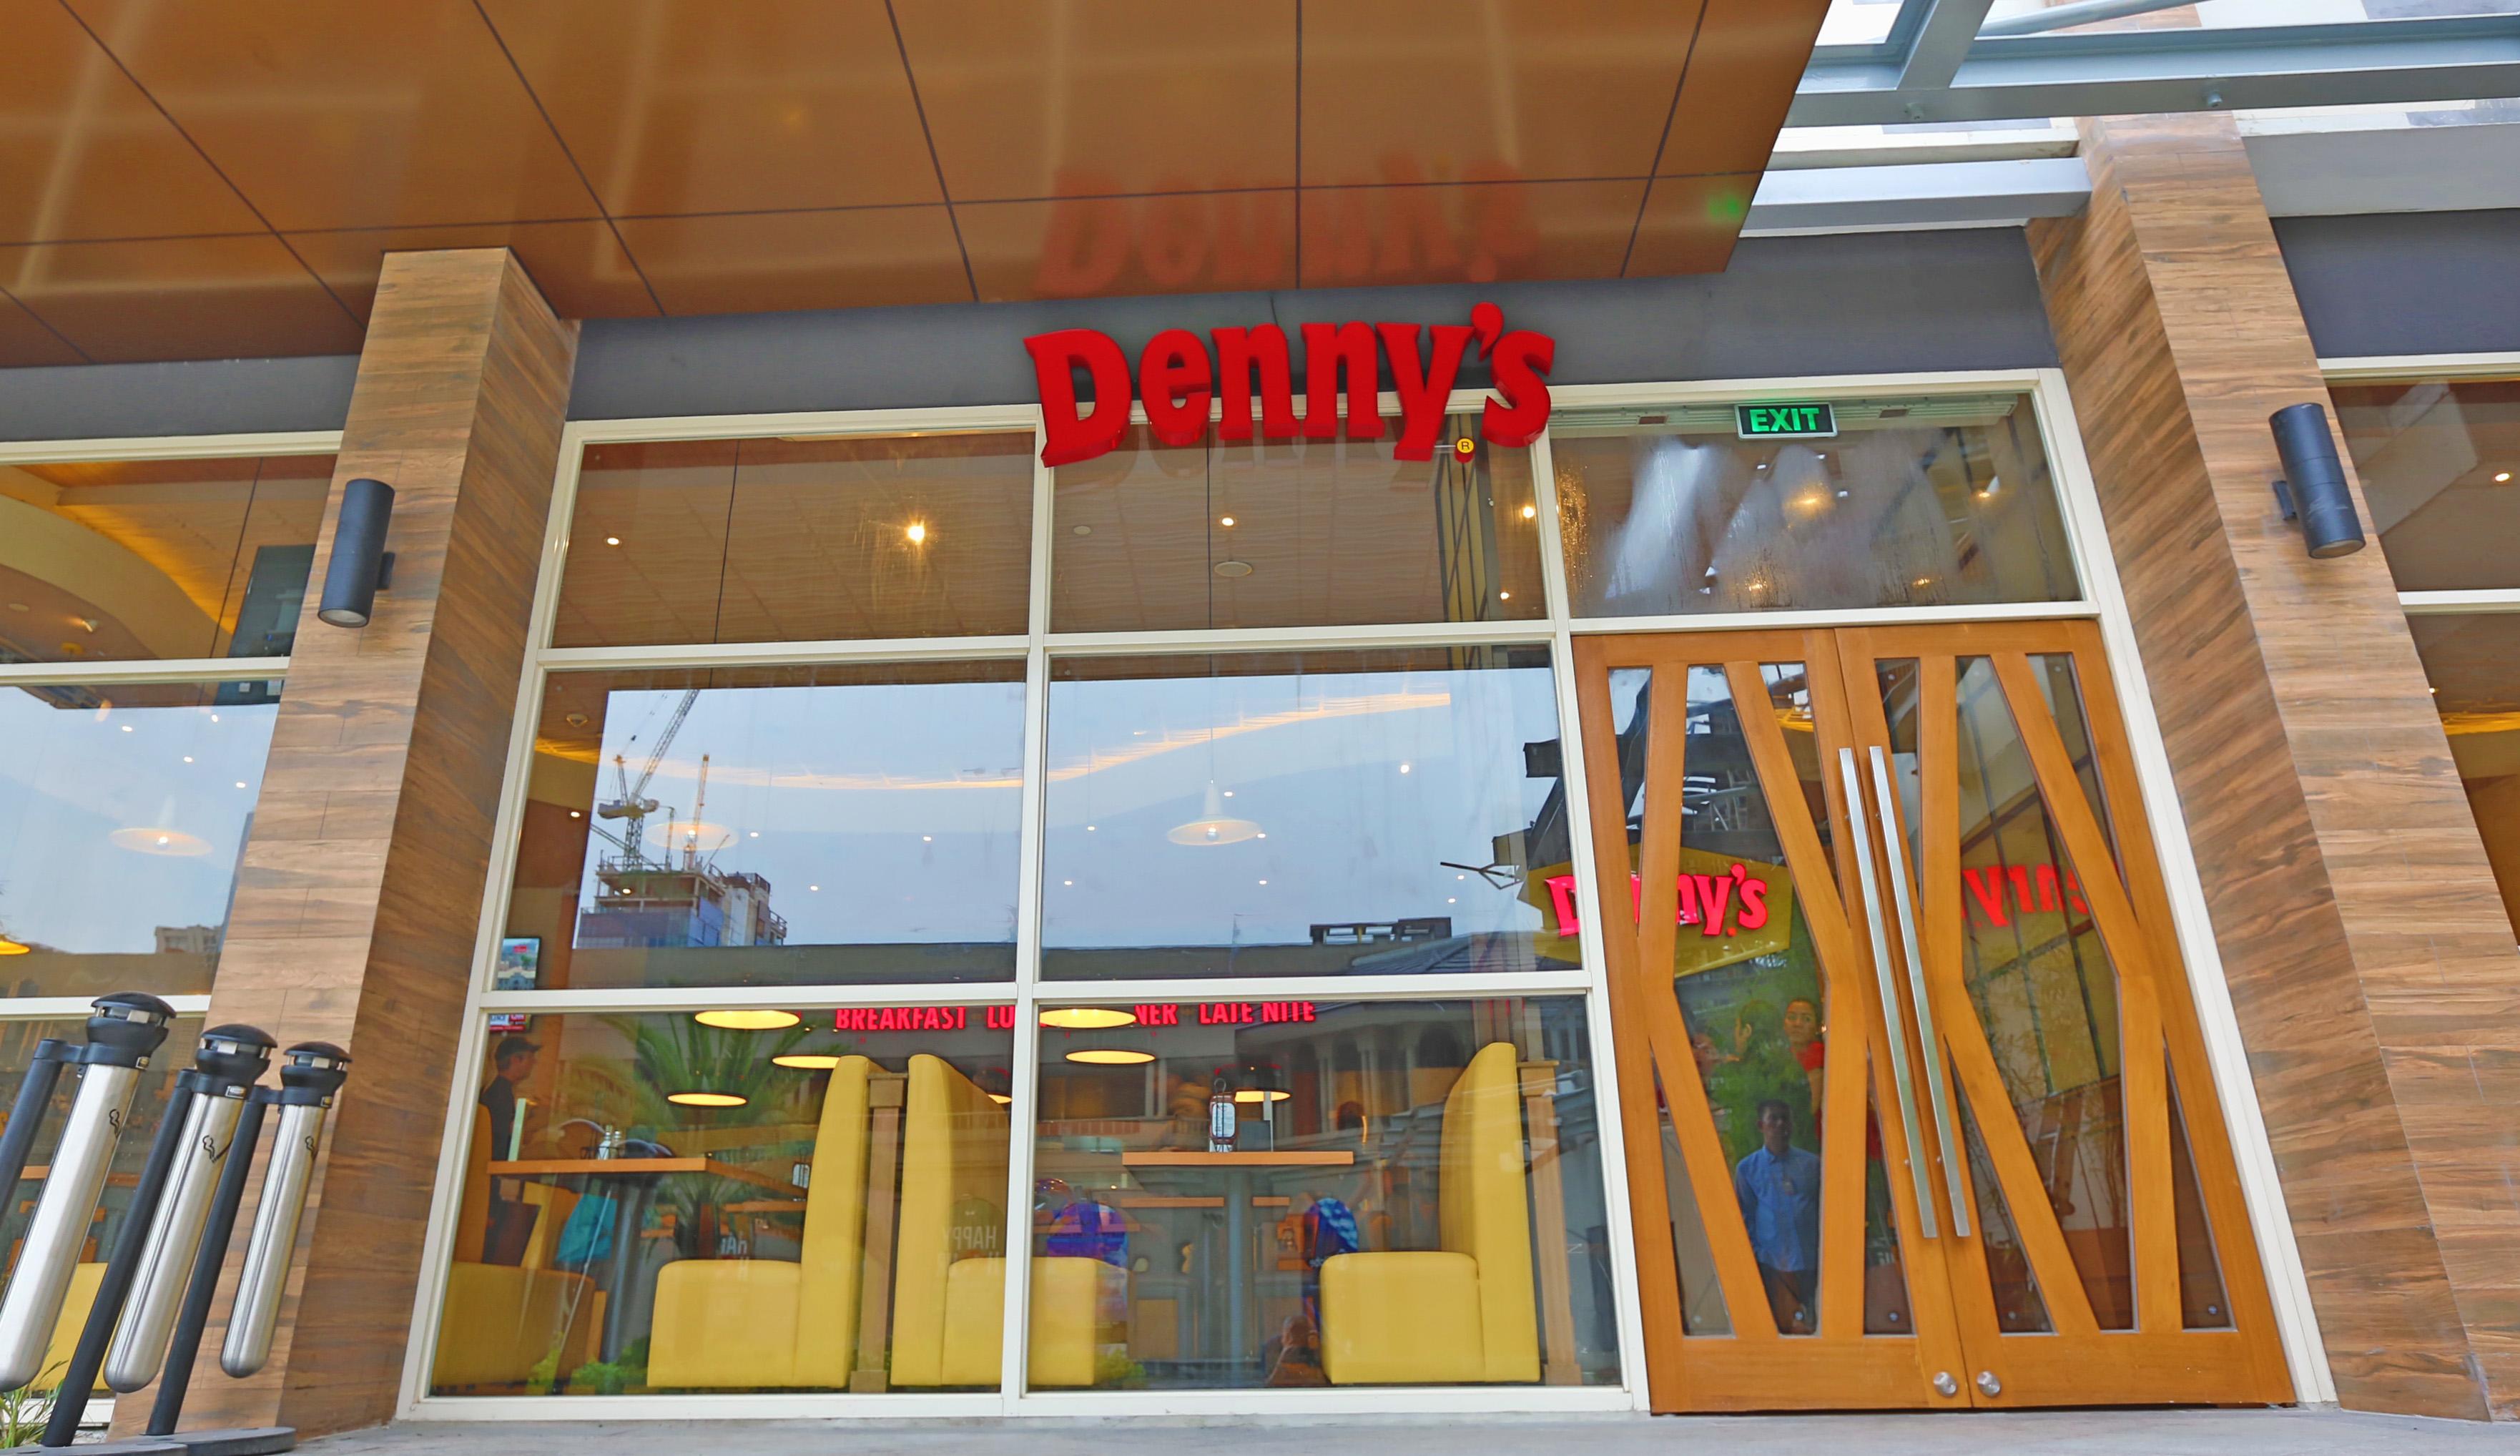 dennys-is-always-open-24-7